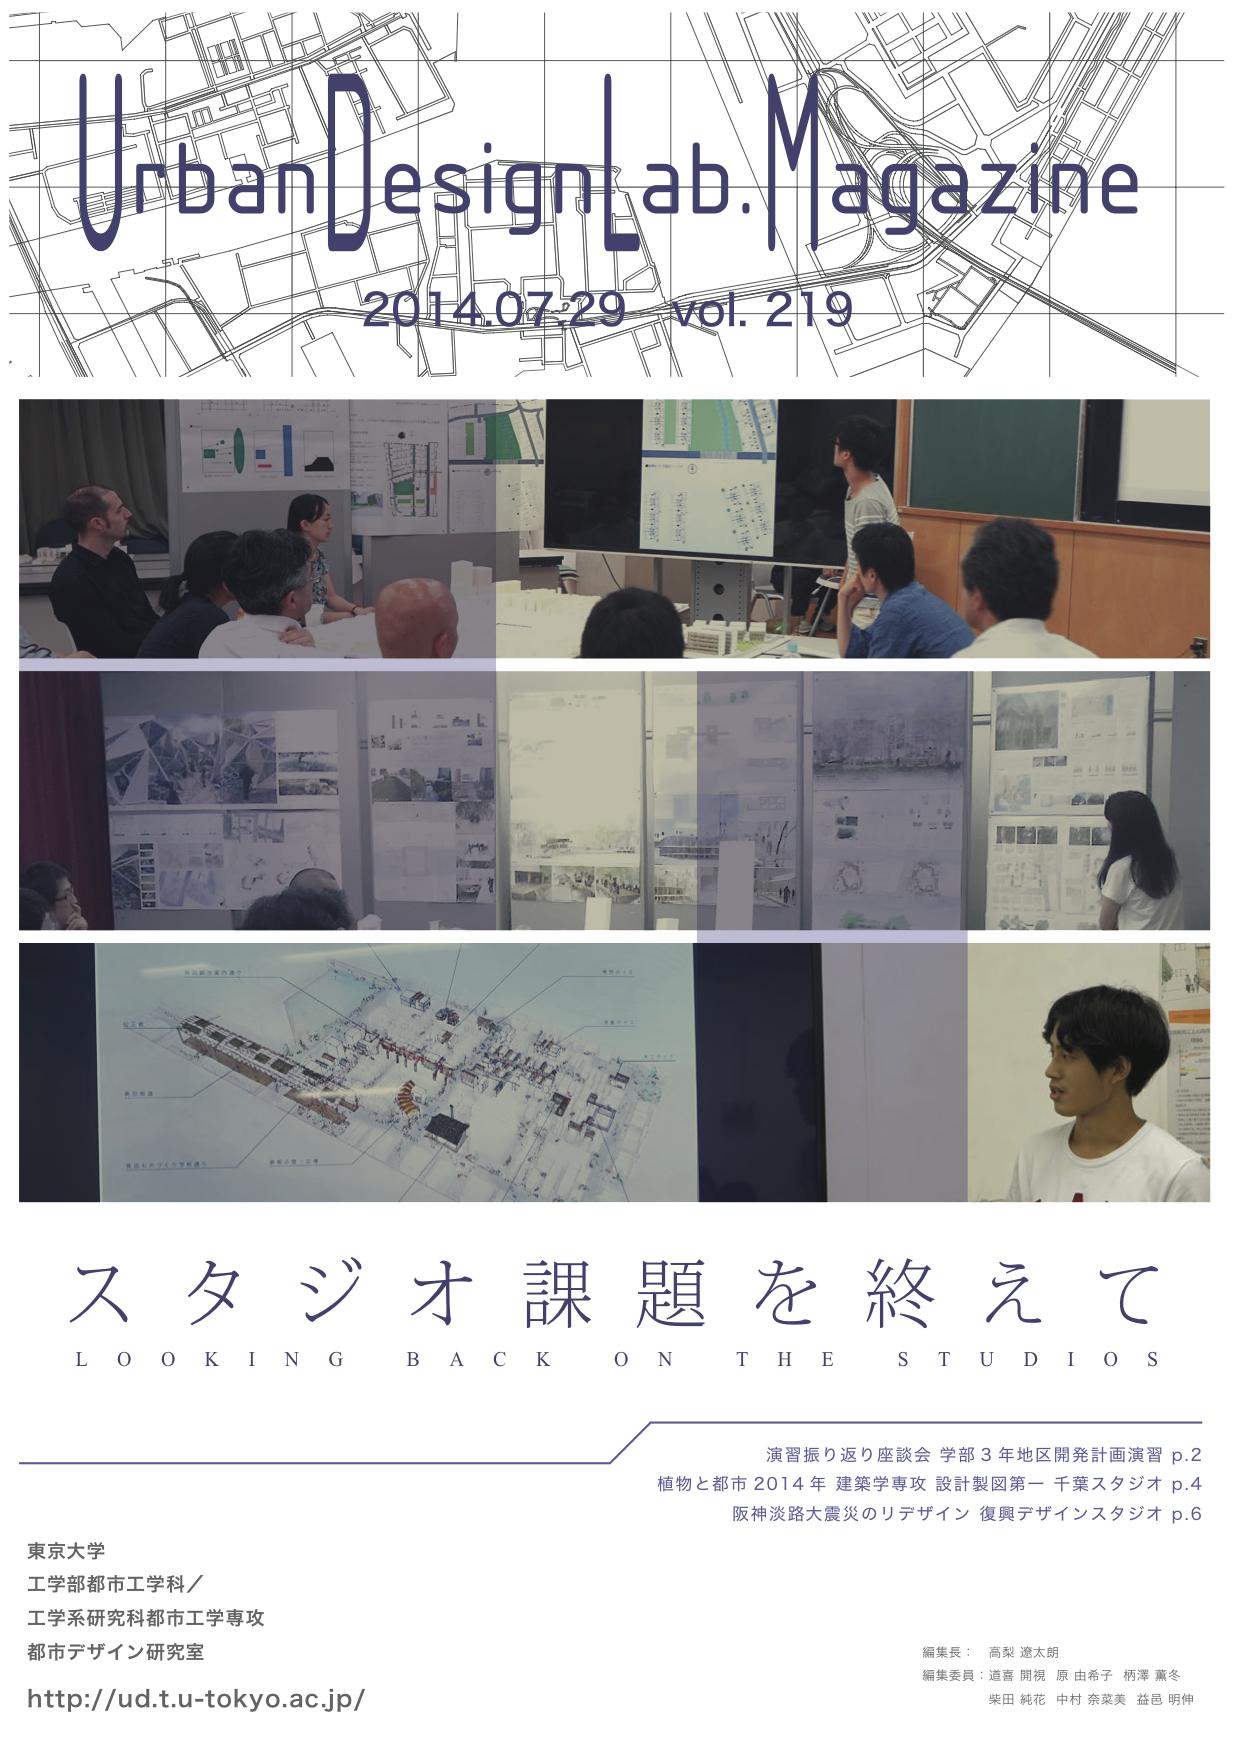 http://ud.t.u-tokyo.ac.jp/blog/_images/labmaga219-web.png